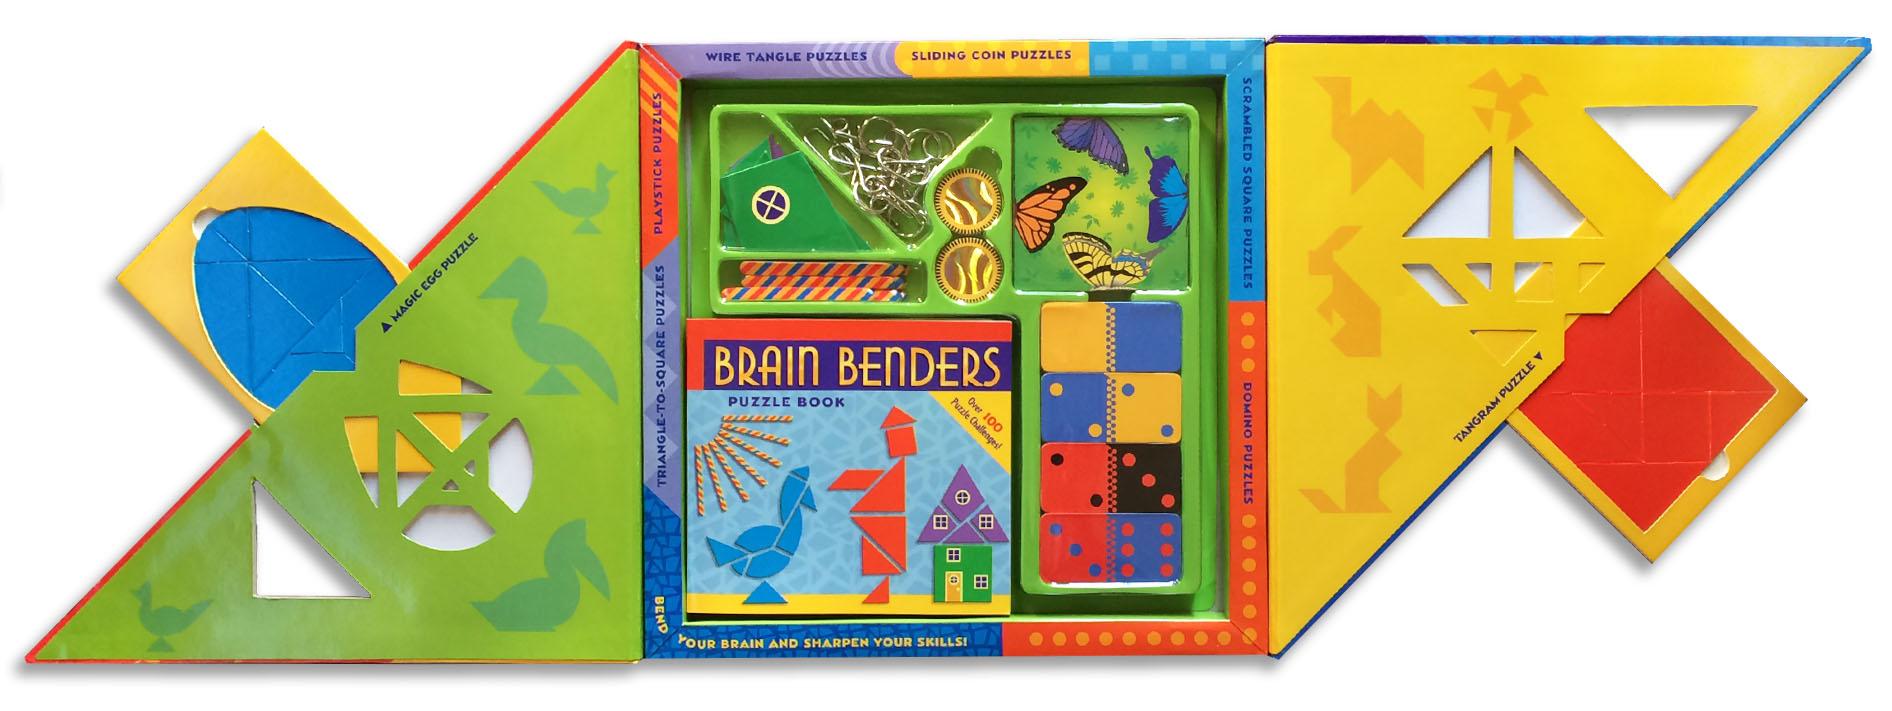 brain benders book design